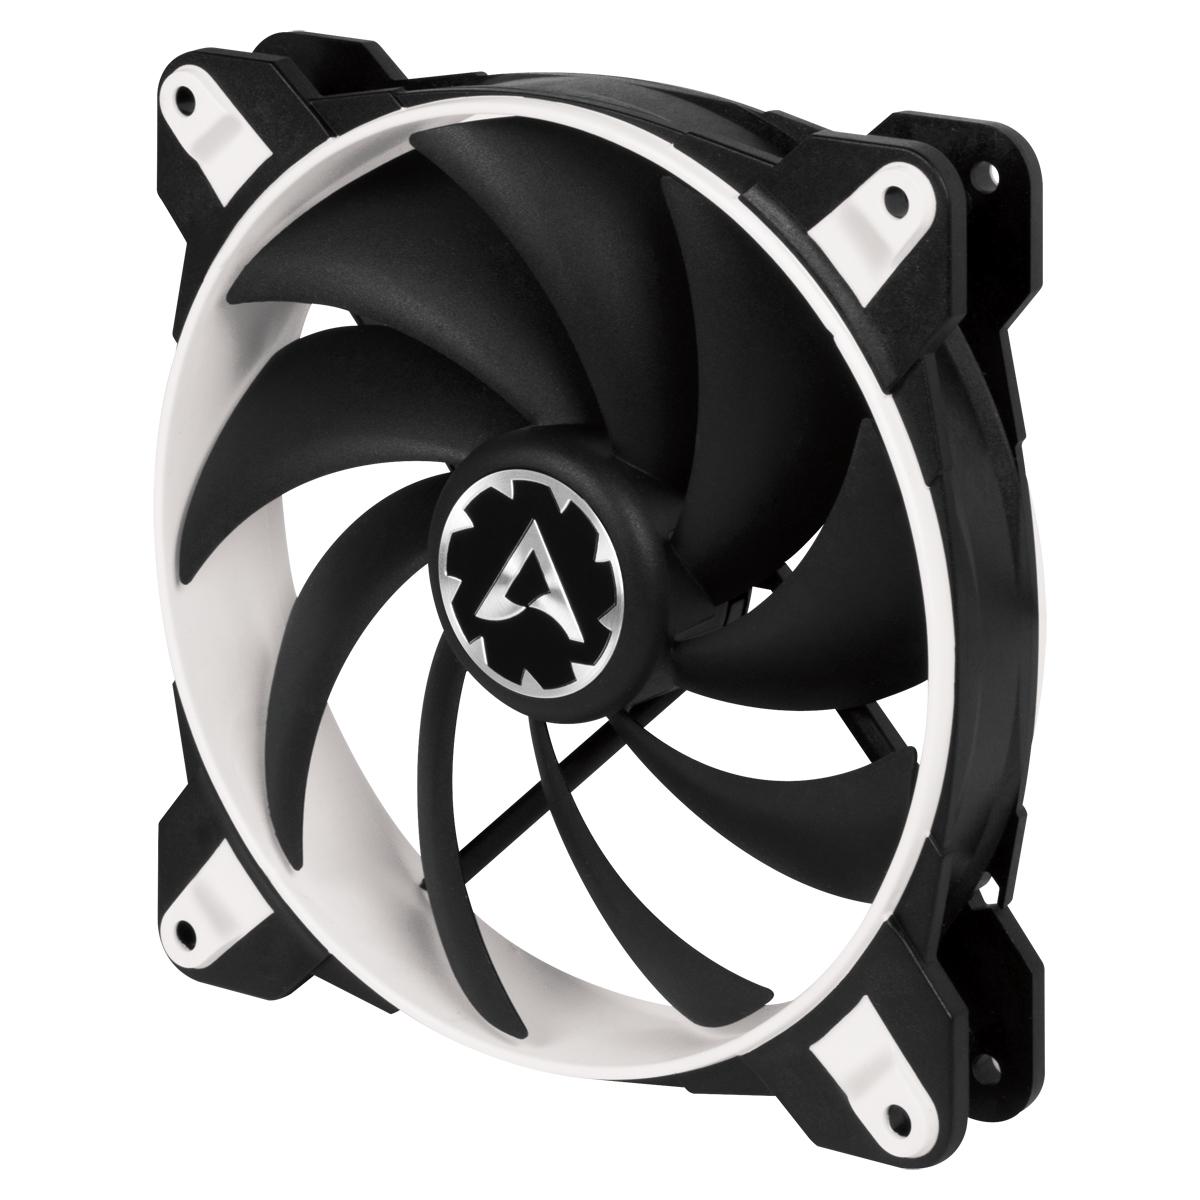 ARCTIC BioniX F140 (White) – 140mm eSport fan